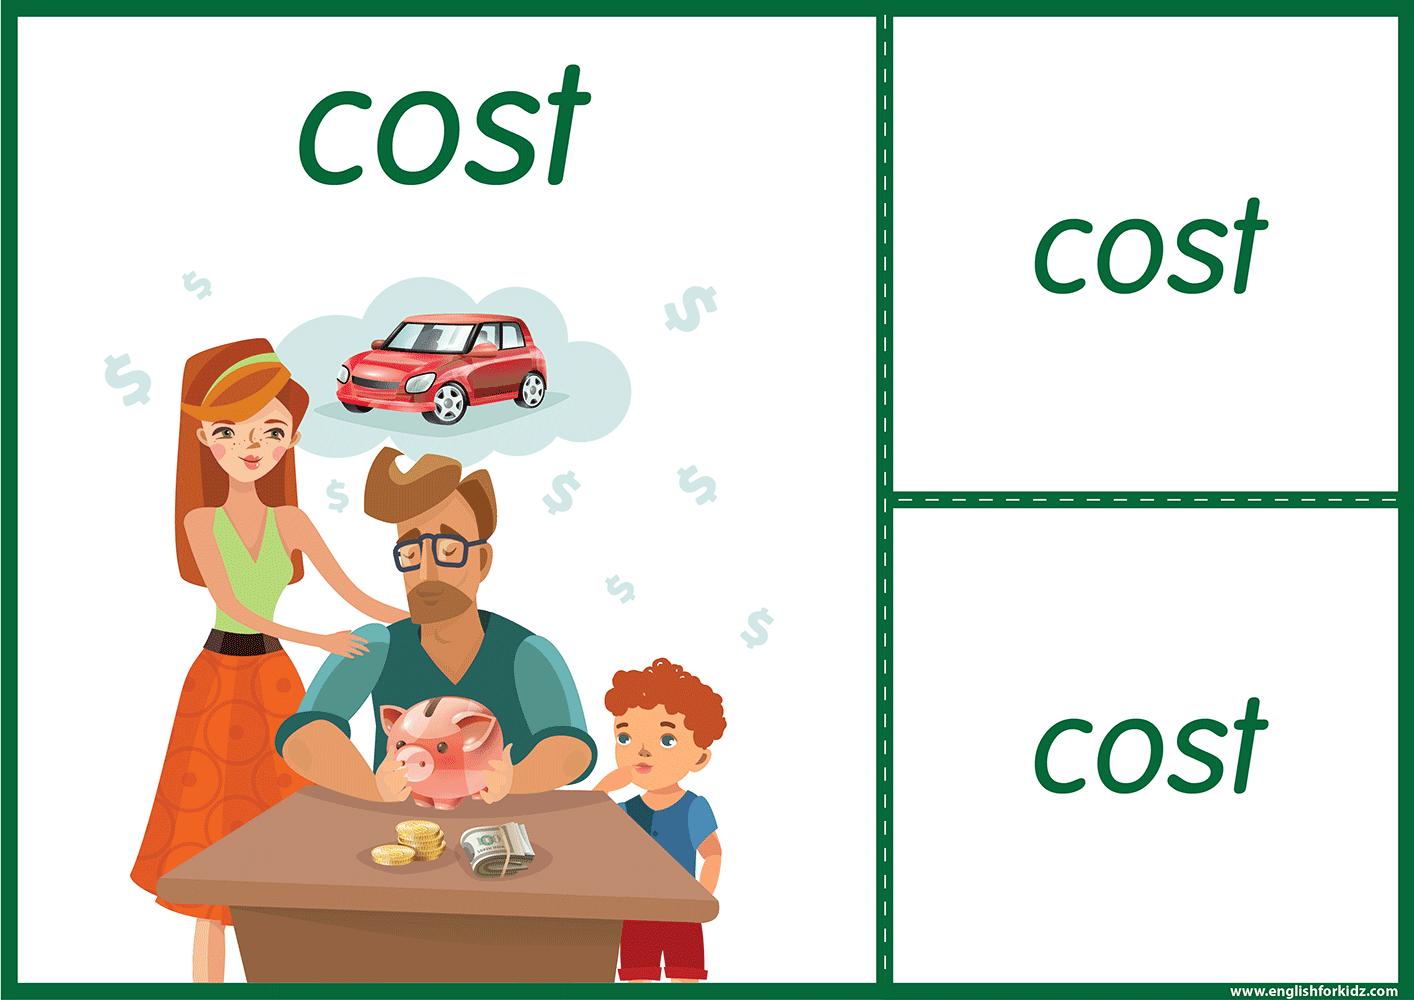 Cost verb бонусная программа для юридических лиц